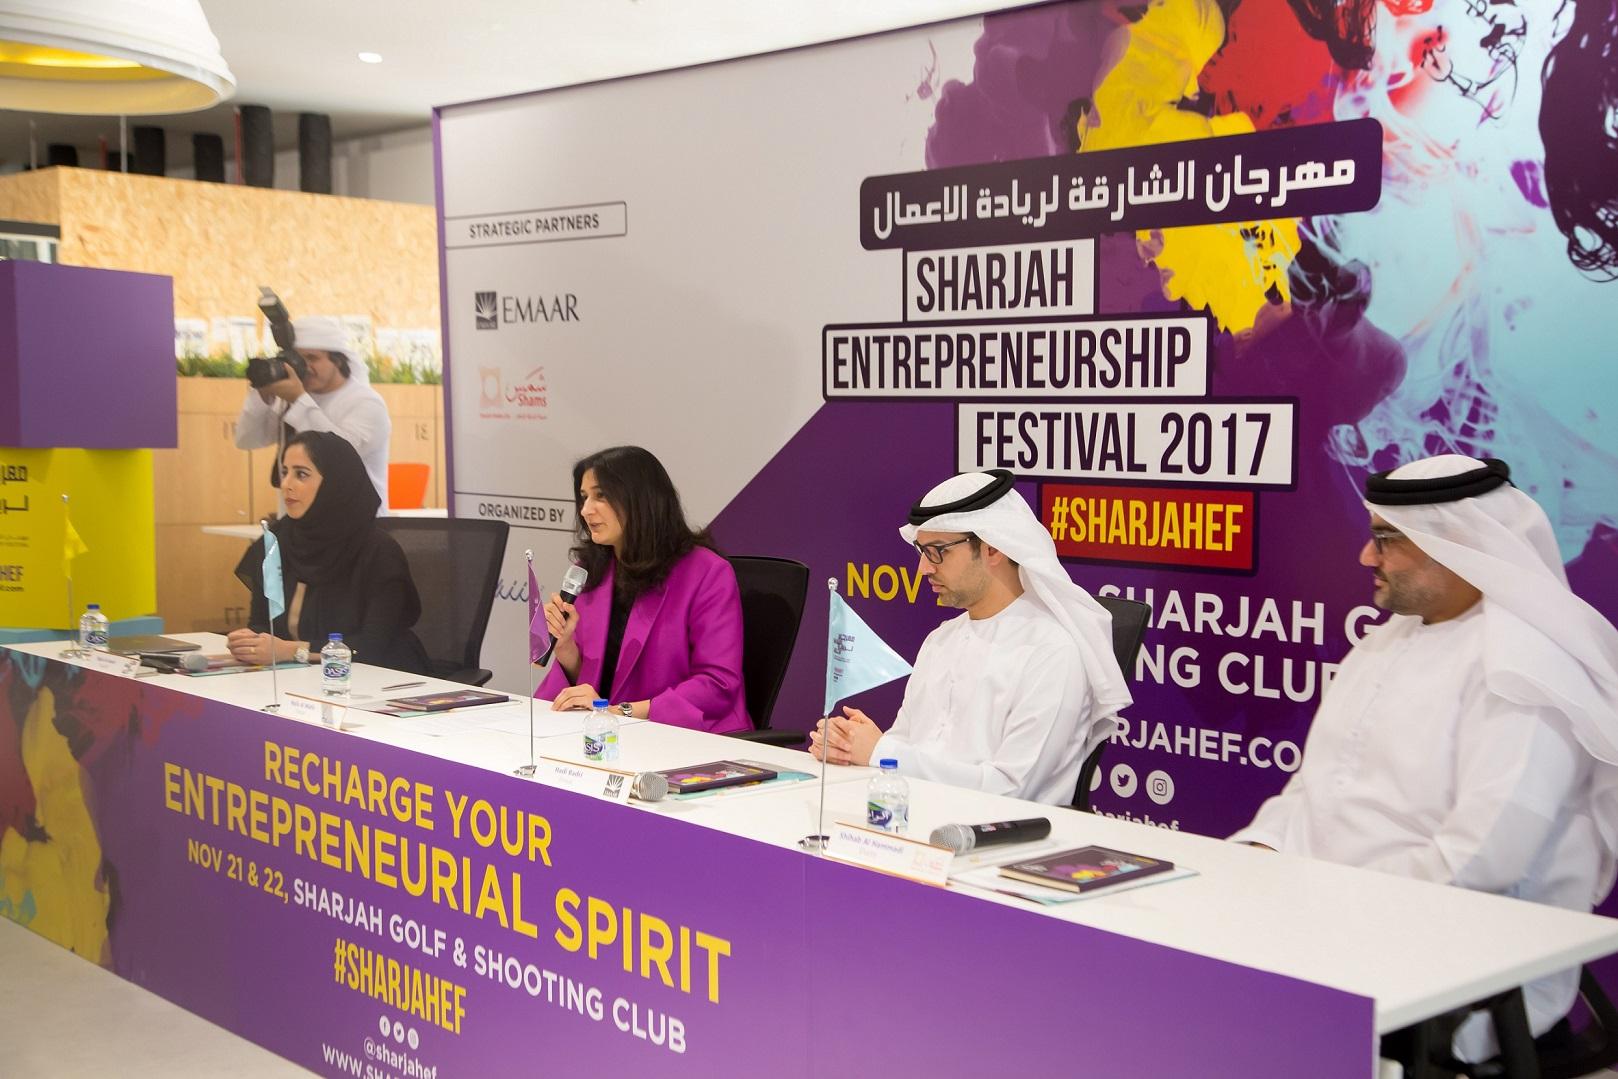 Sharjah to host largest Entrepreneurship Festival in the UAE